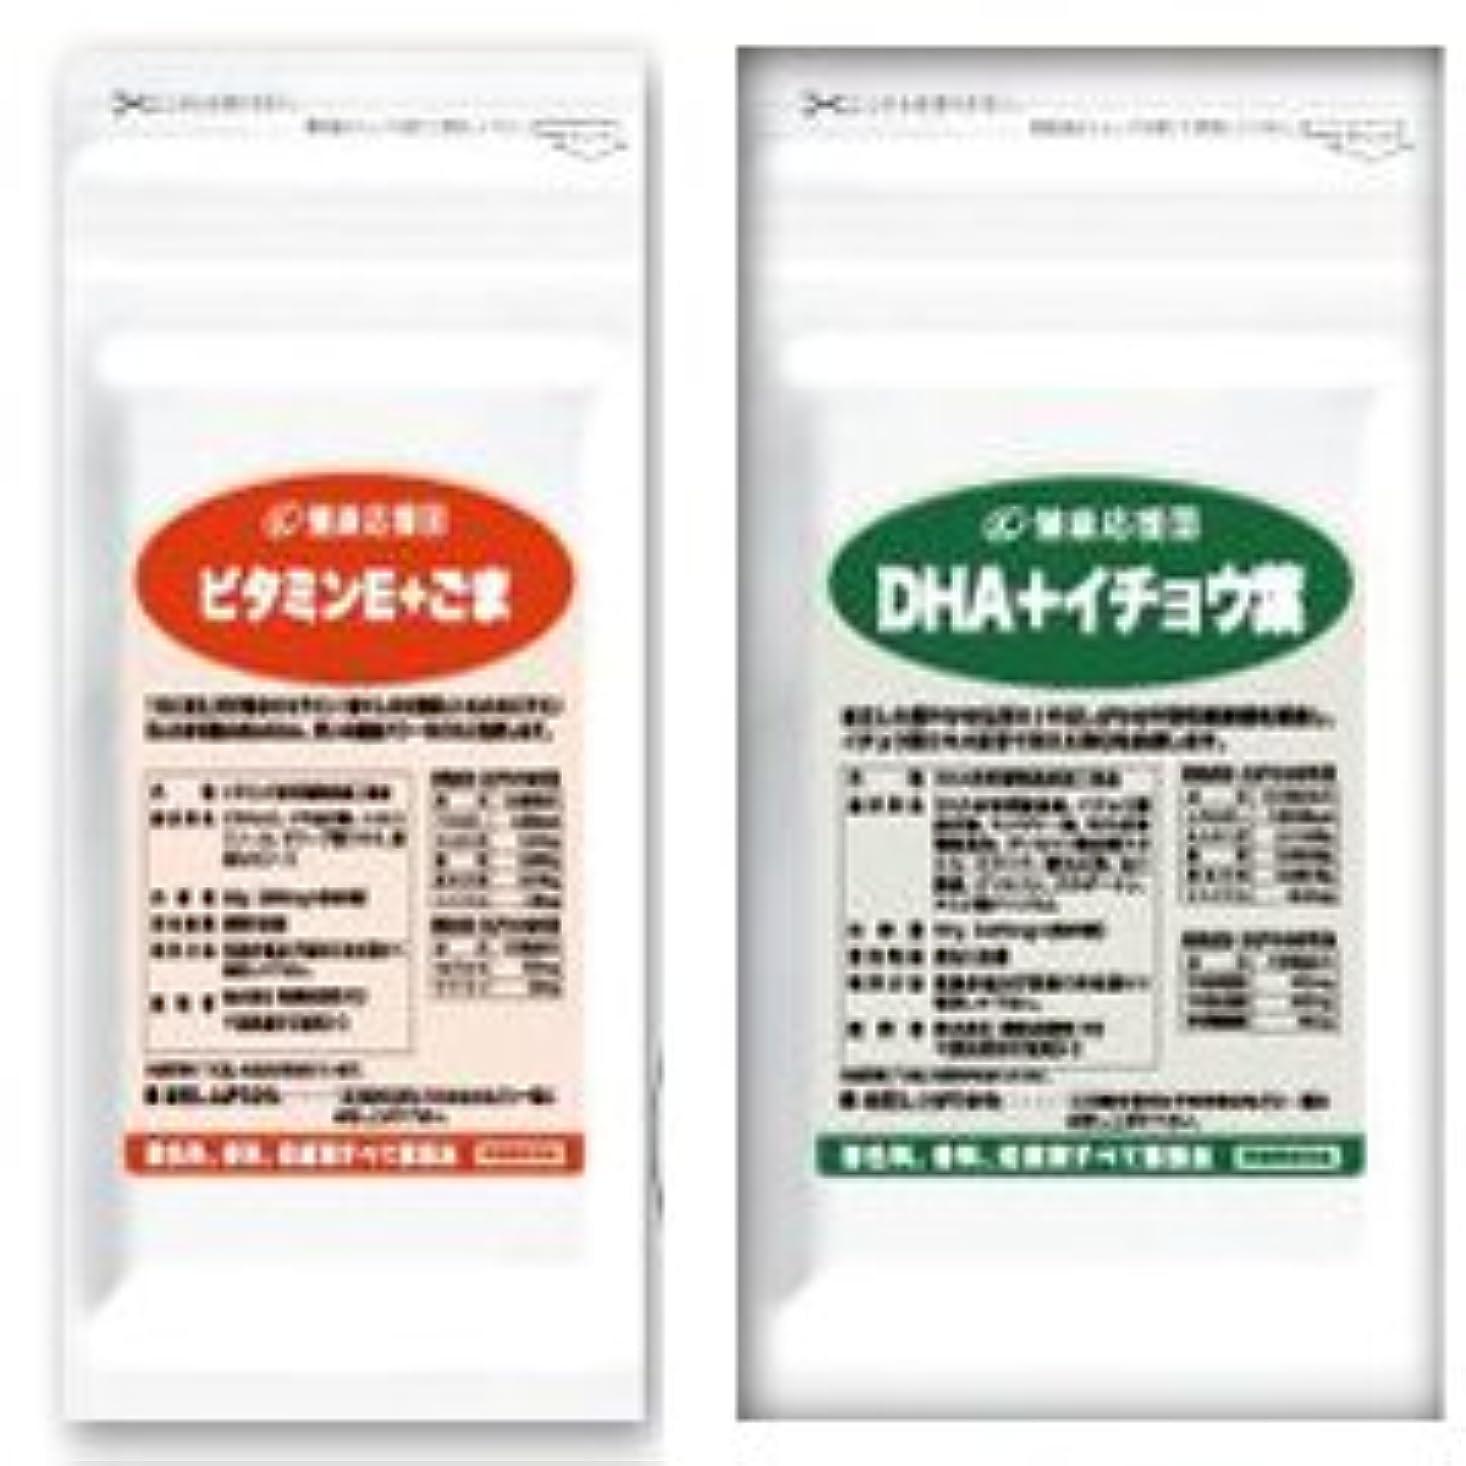 風味不正確天文学(お徳用6か月分)毎日元気セット (ビタミンE+ごま) + (DHA+イチョウ葉エキス)6袋&6袋セット (DHA?EPA?ビタミンE?セサミン)